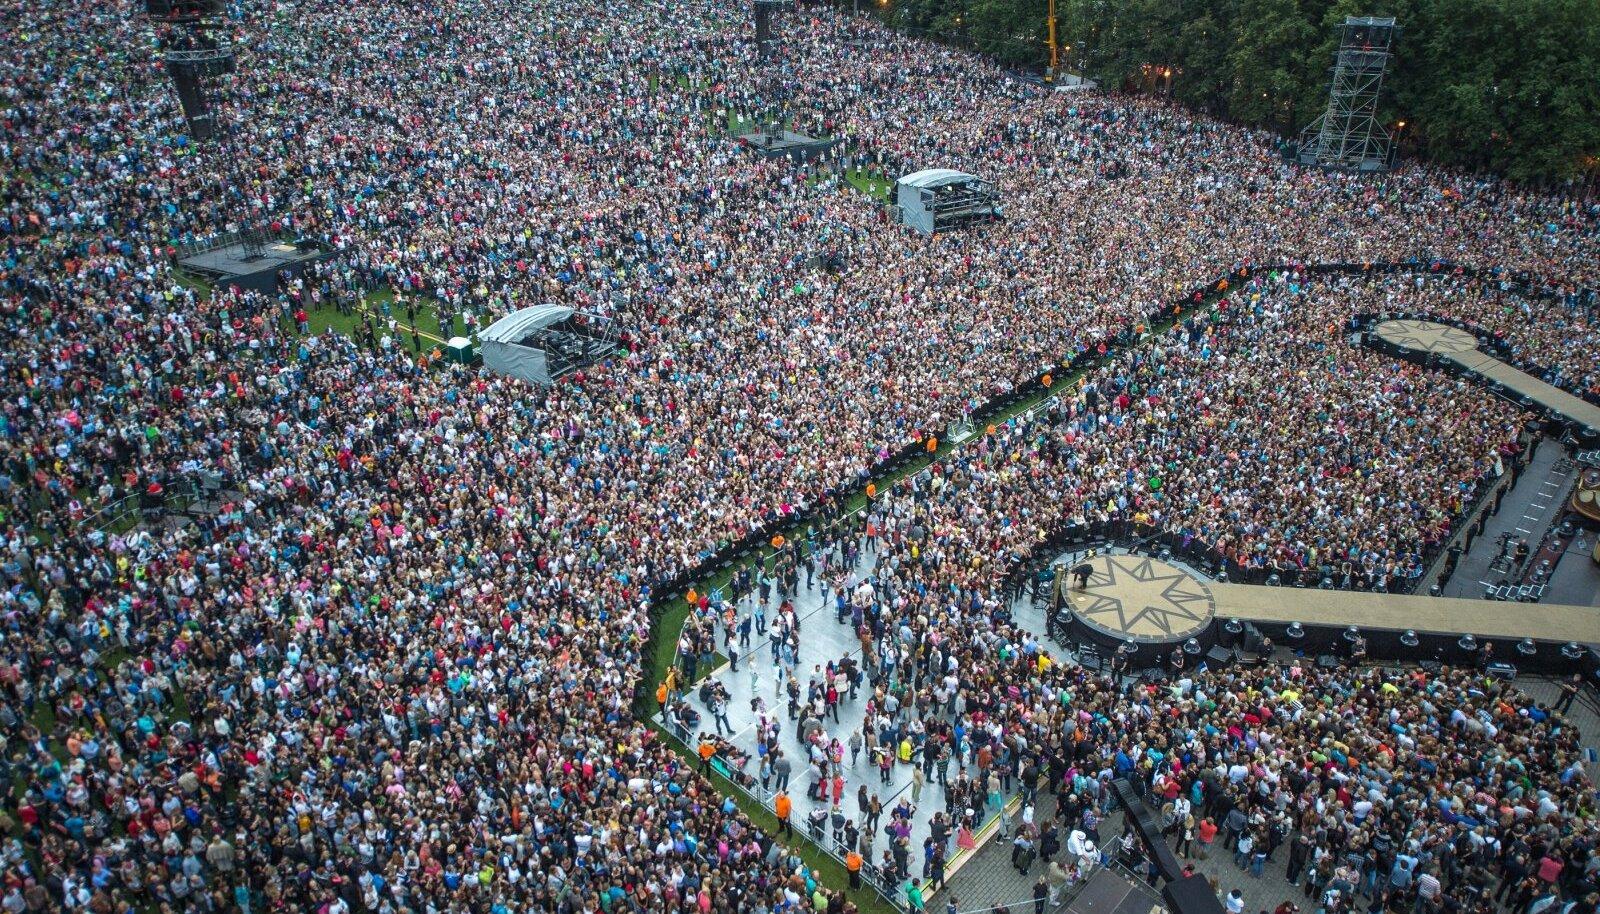 Robbie Williamsi kontserti väisas aastaid tagasi umbes 60 000 inimest. 150 000 inimest lahkus teisest sambast